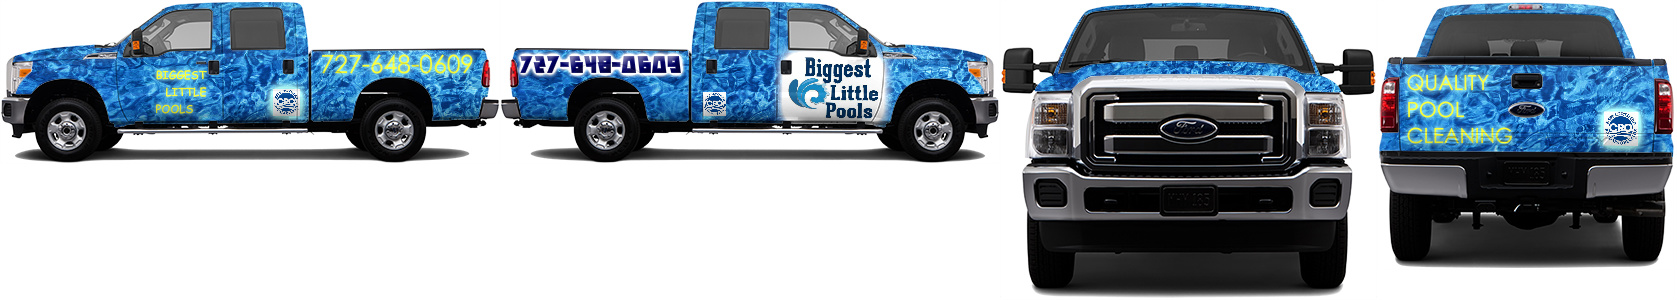 Truck Wrap #50205